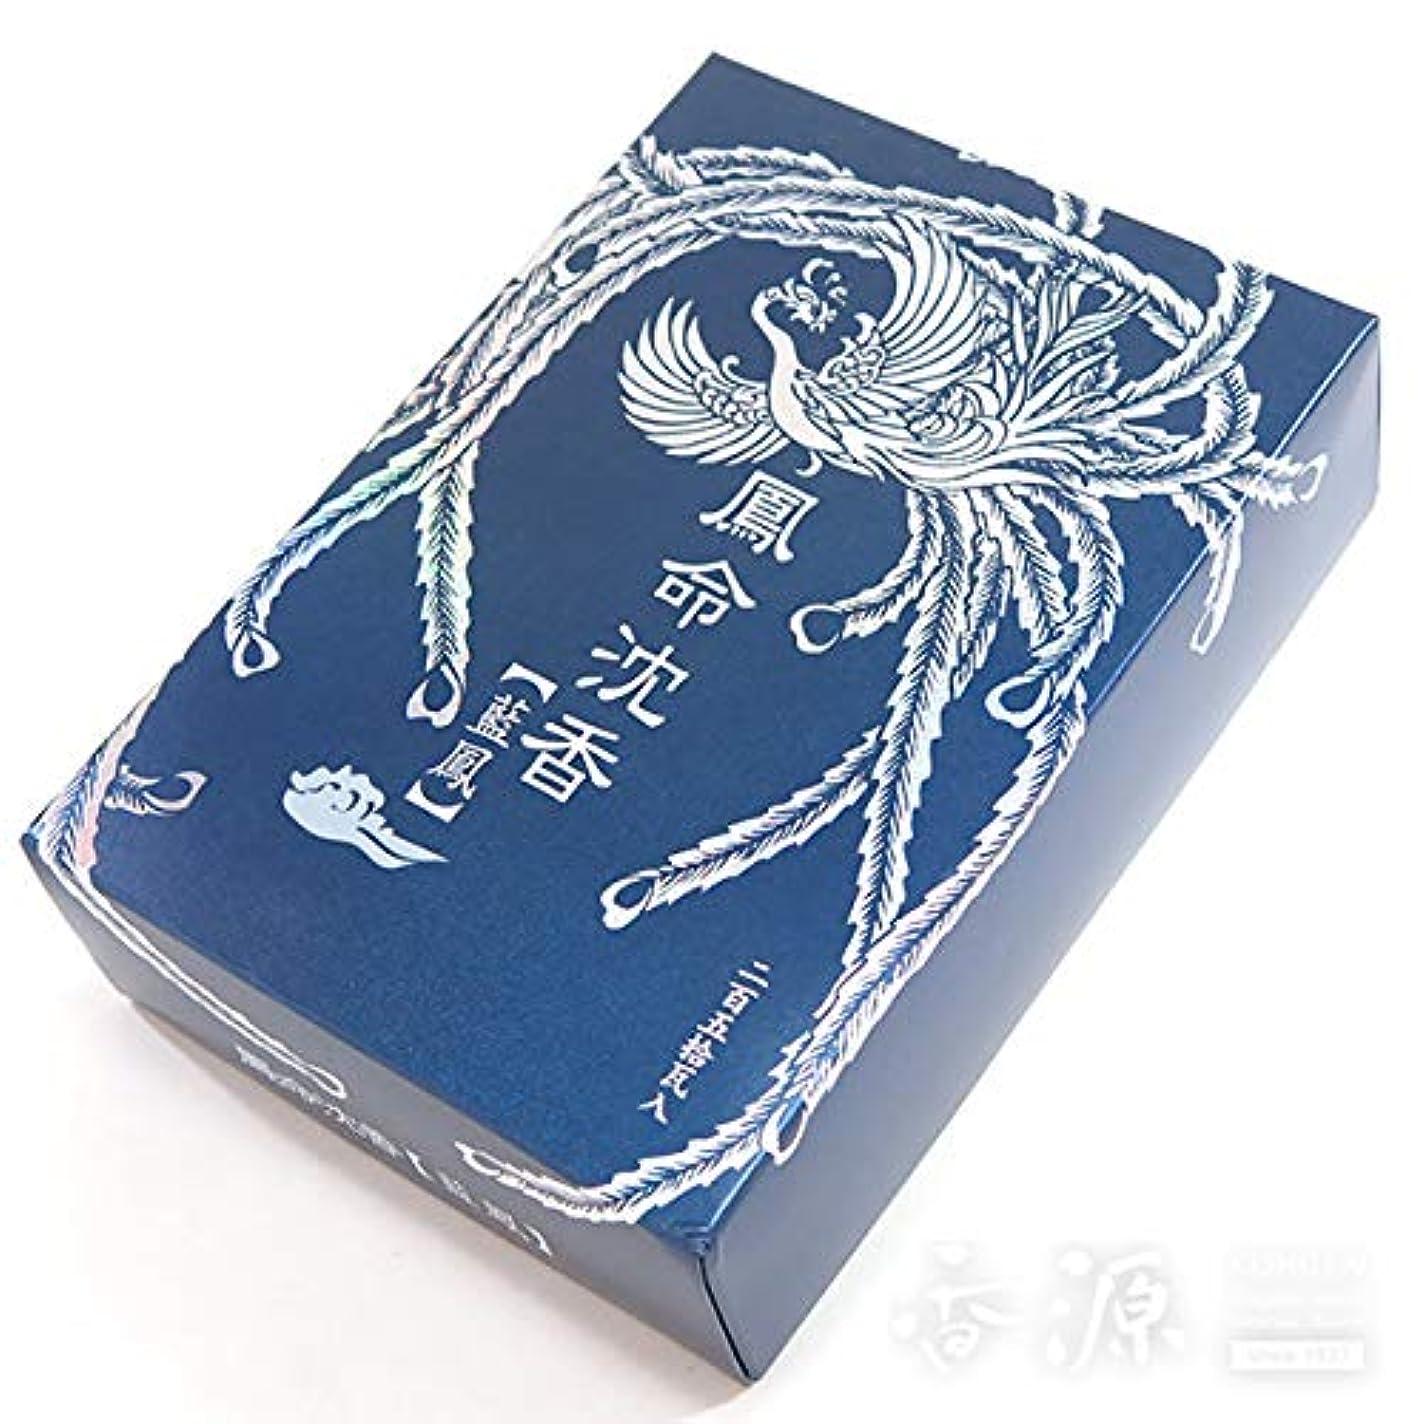 取り消すフェンス日付長川仁三郎商店のお香 鳳命沈香 藍鳳 250g入